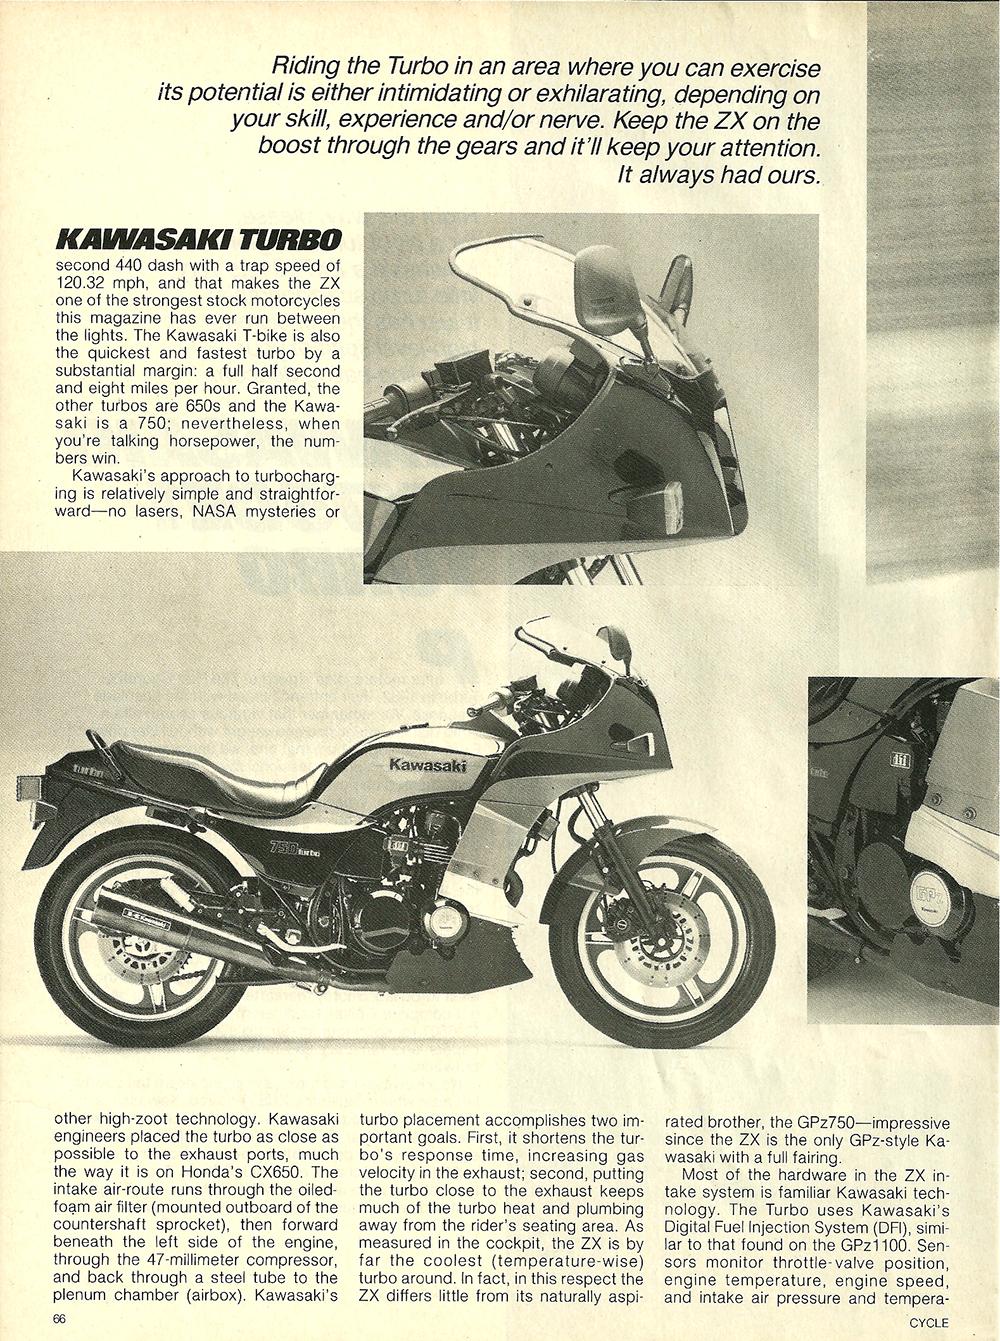 1984 Kawasaki ZX750E1 turbo road test 3.jpg